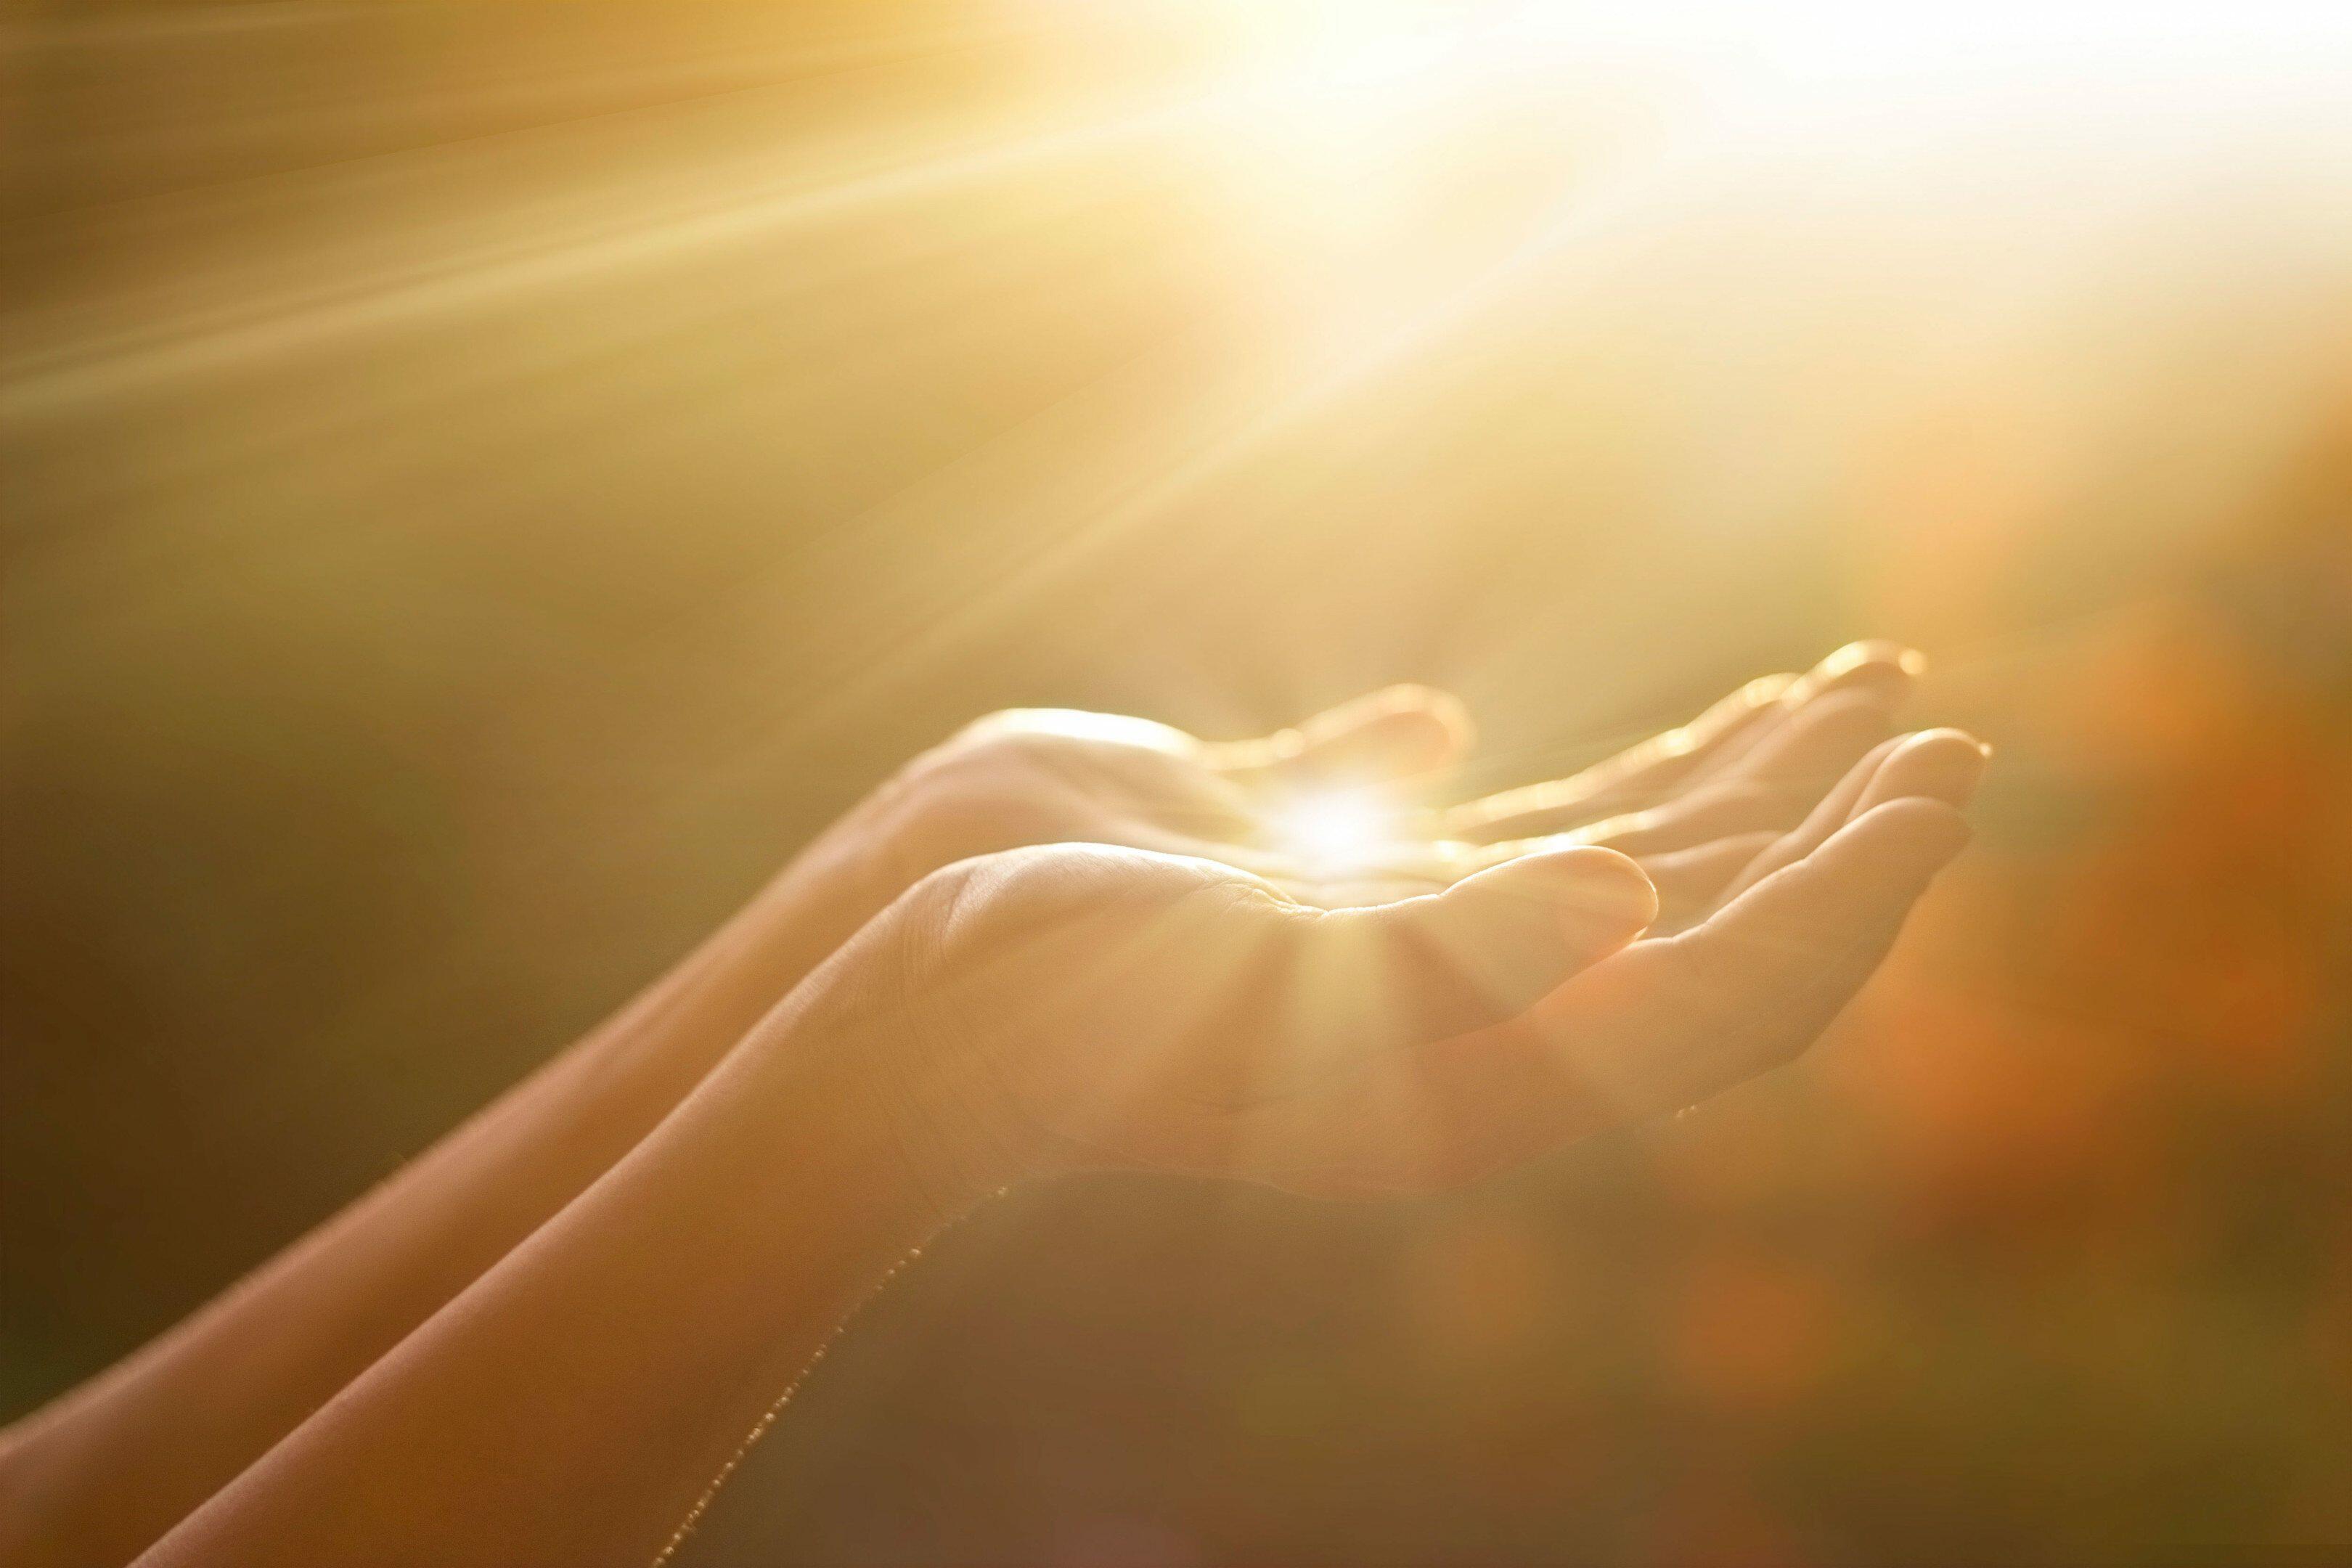 руки света фото переводе английского